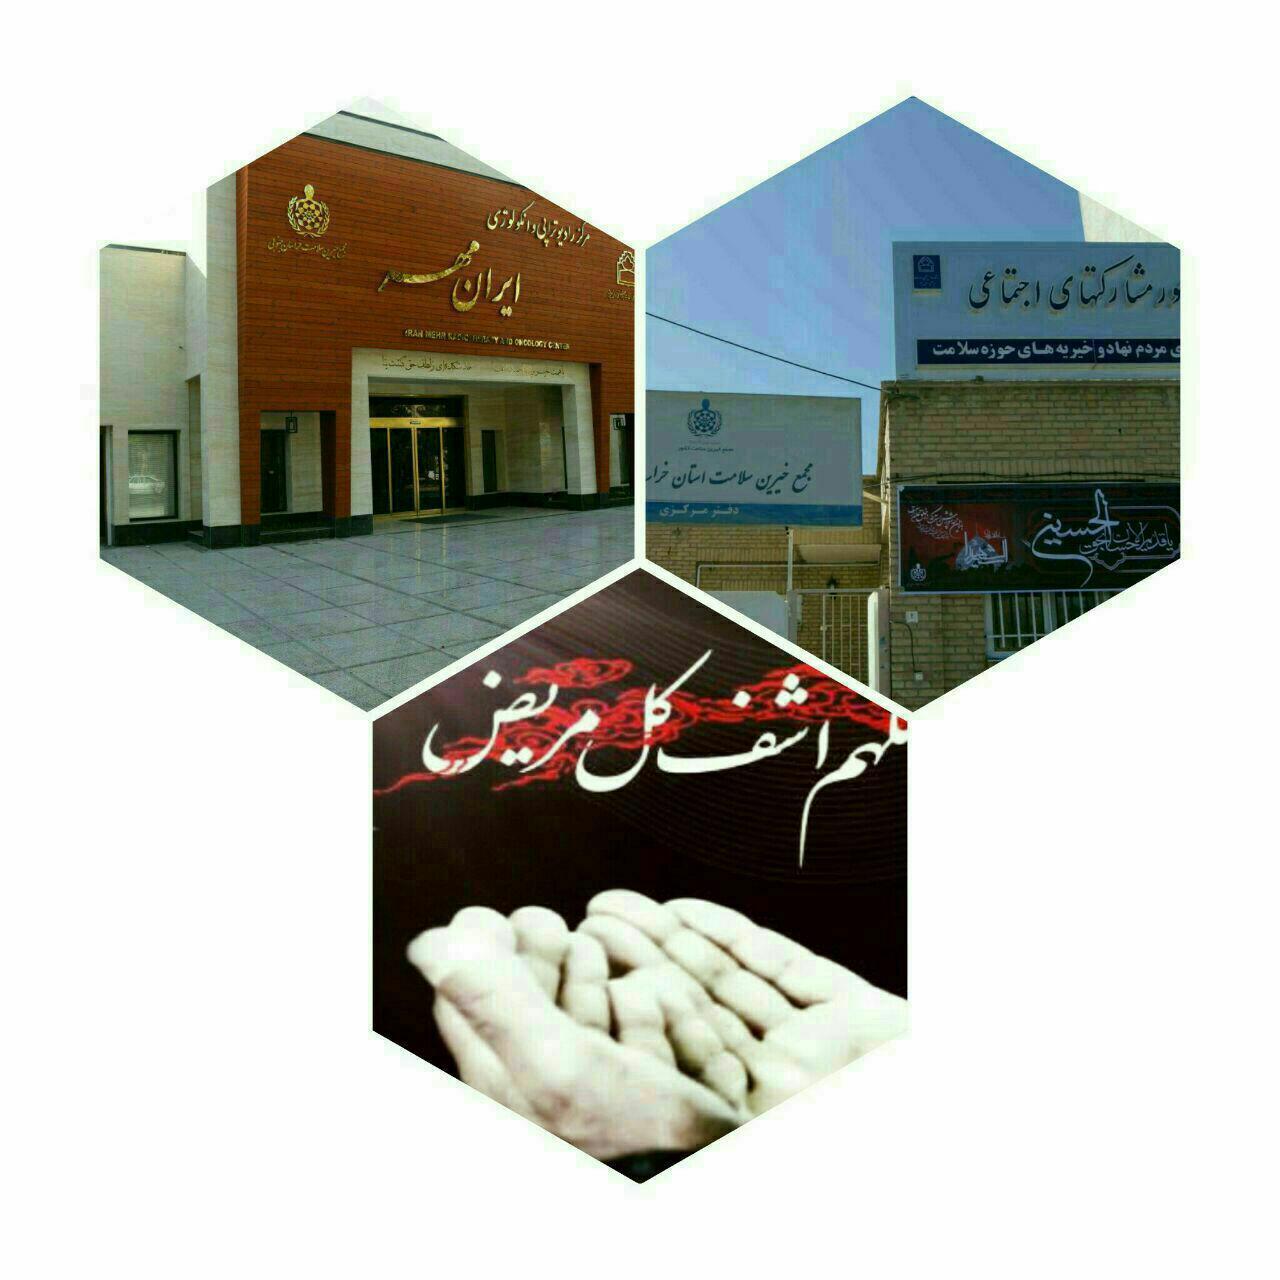 کمک خیر به بیمارارن نیازمند بیمارستان ایران مهر